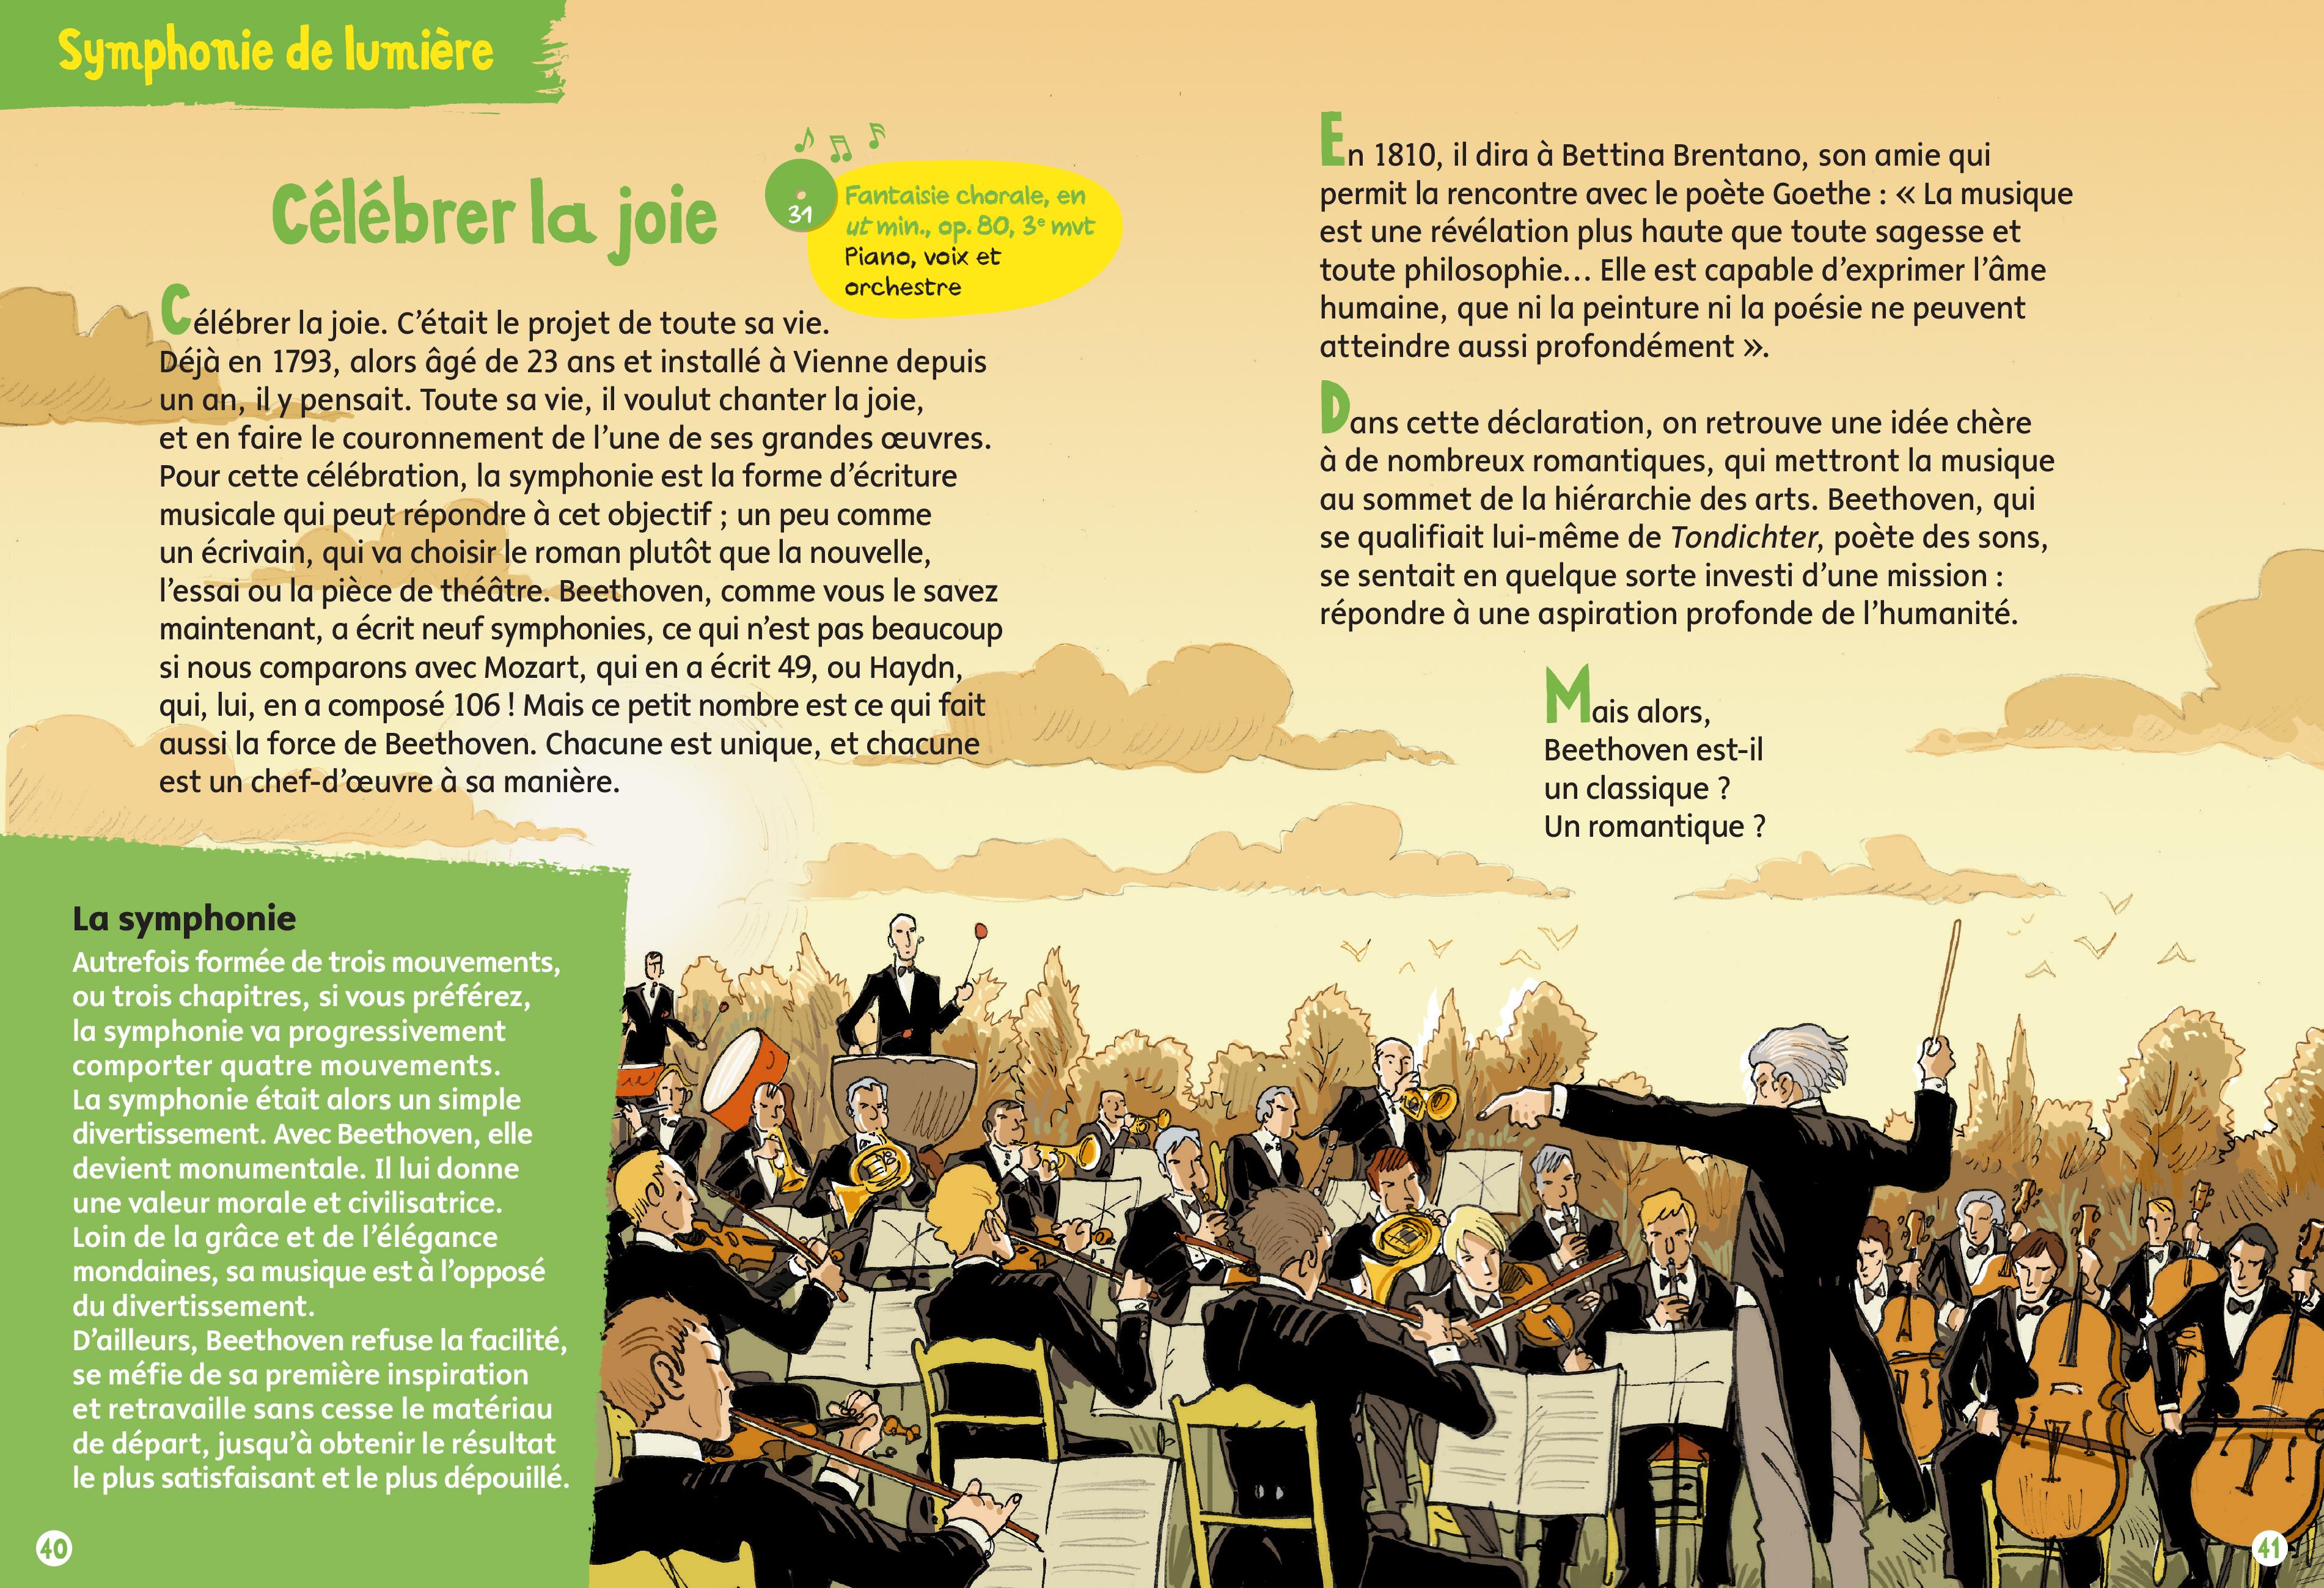 Beethoven - Aperçu - Célébrer la joie